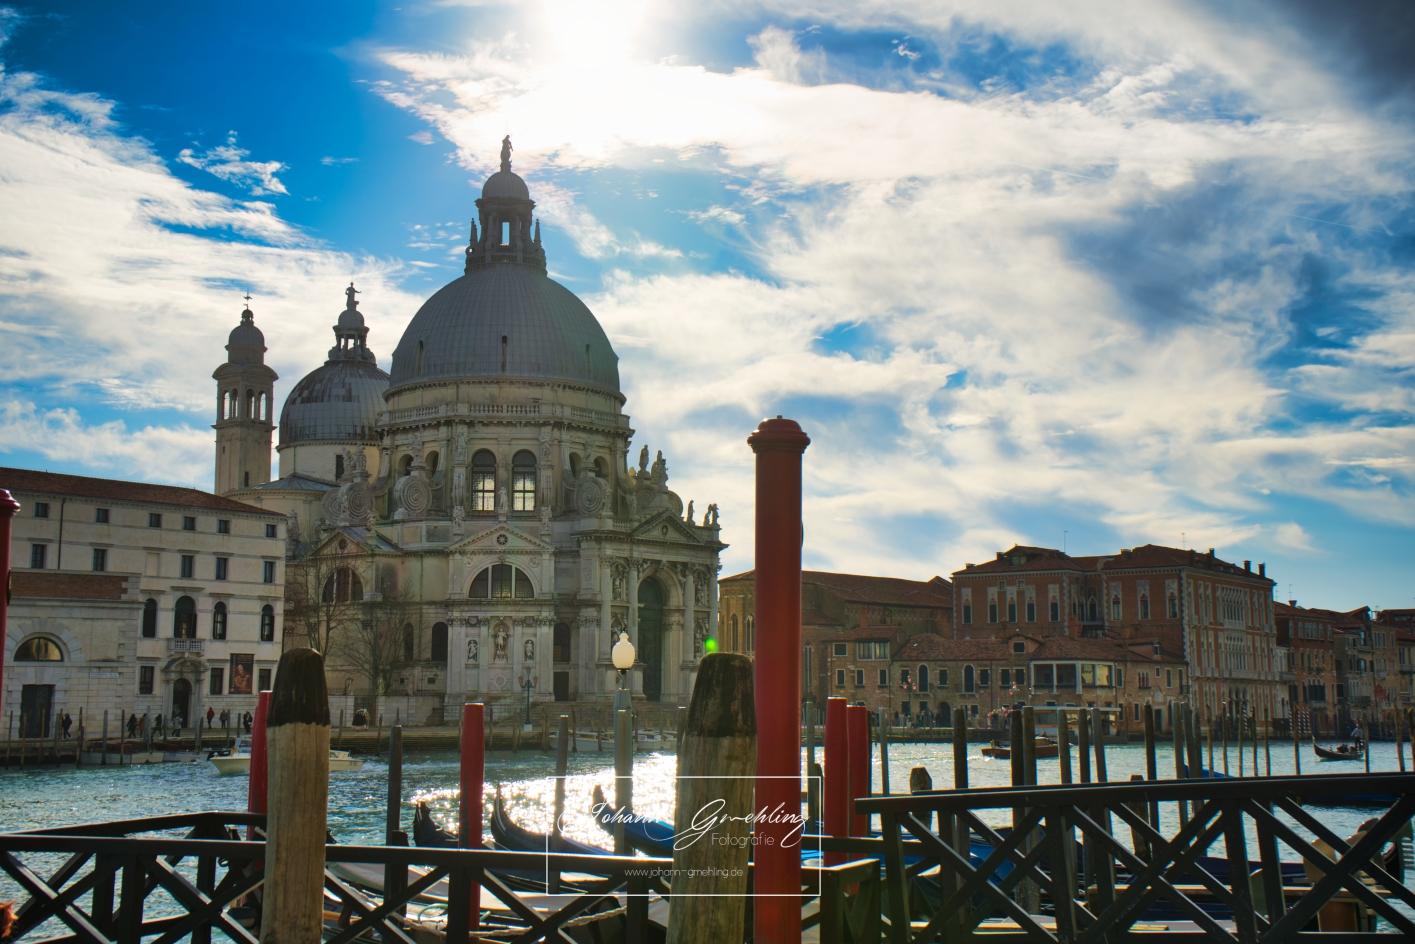 Kirche in Venedig am Wasser